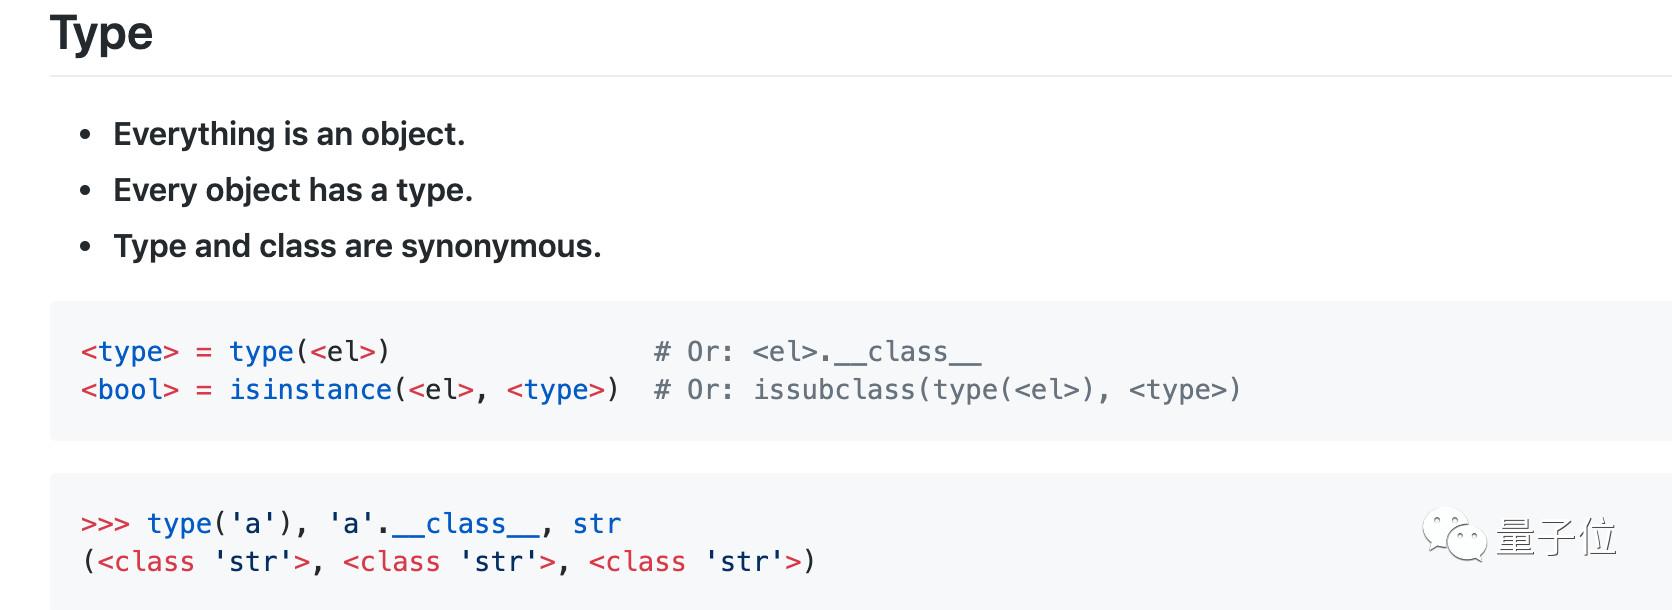 【技术杂谈】超全 Python 速查表登上 GitHub 热榜,标星 4600+